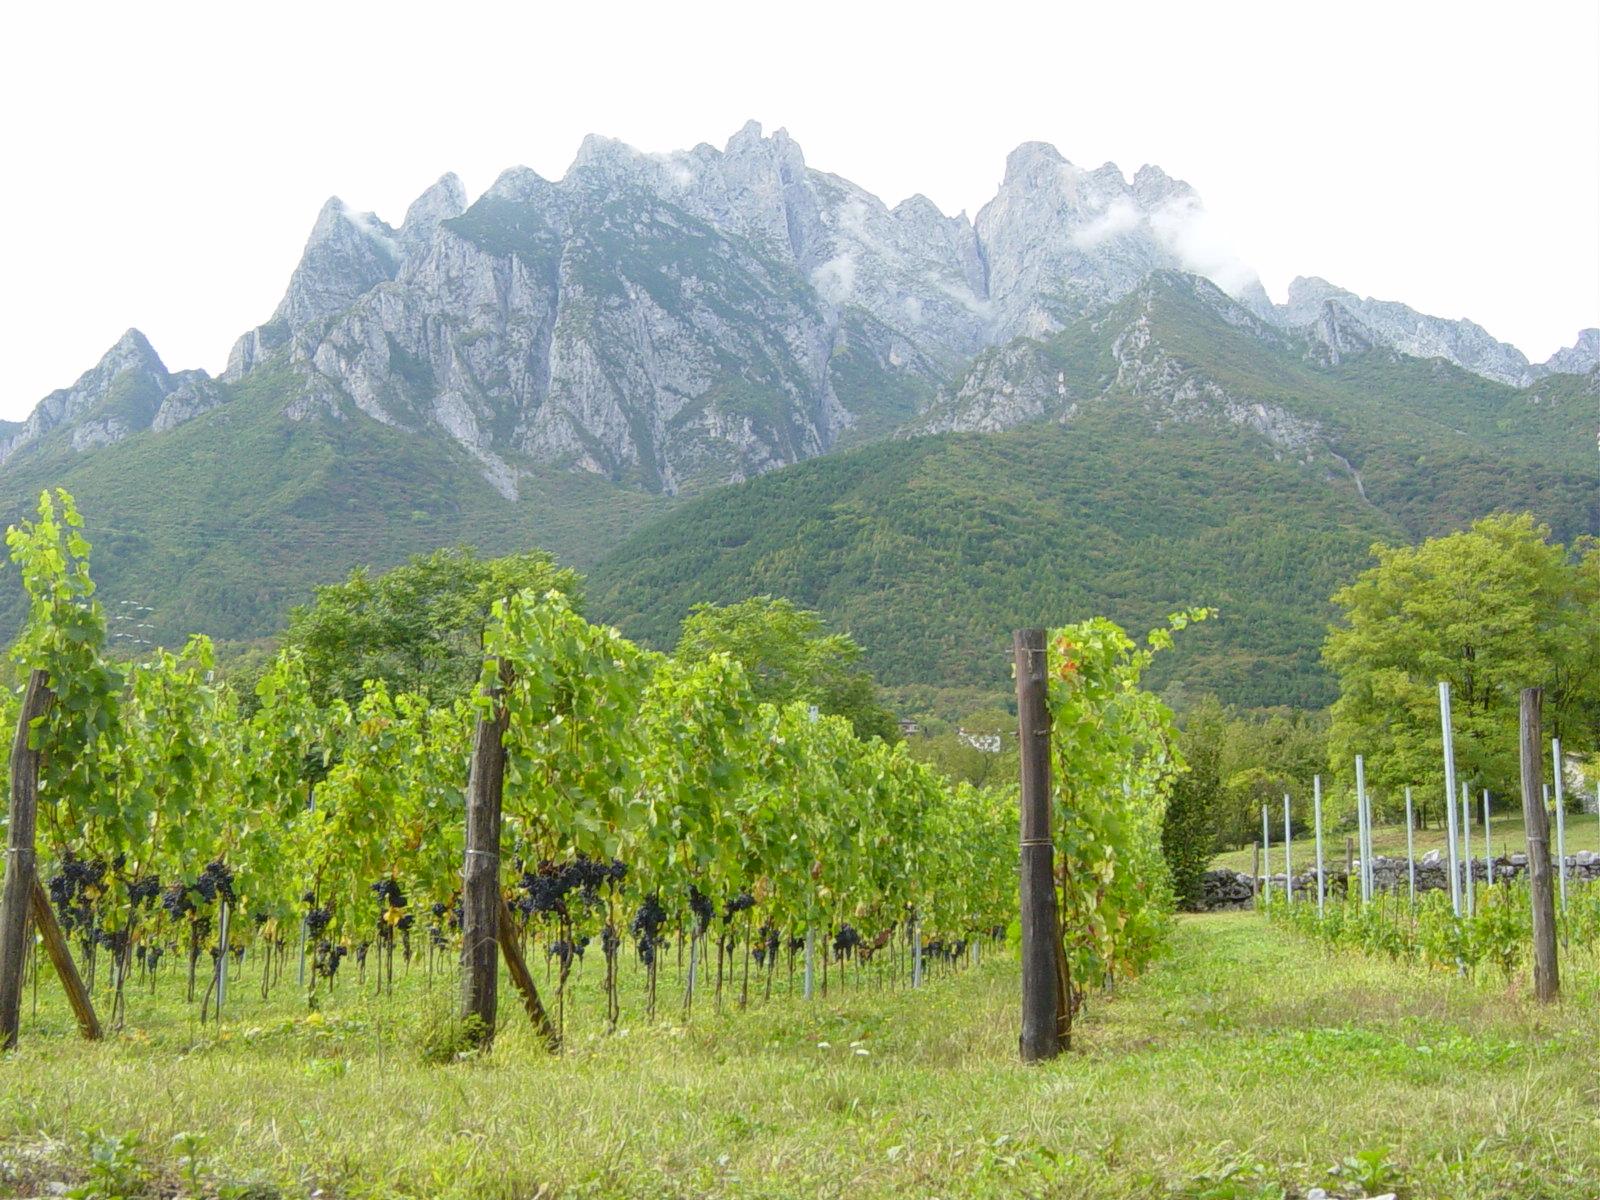 Consorzio Vini Valle Camonica - Vigneto a Cerveno. Sullo sfondo la Concarena